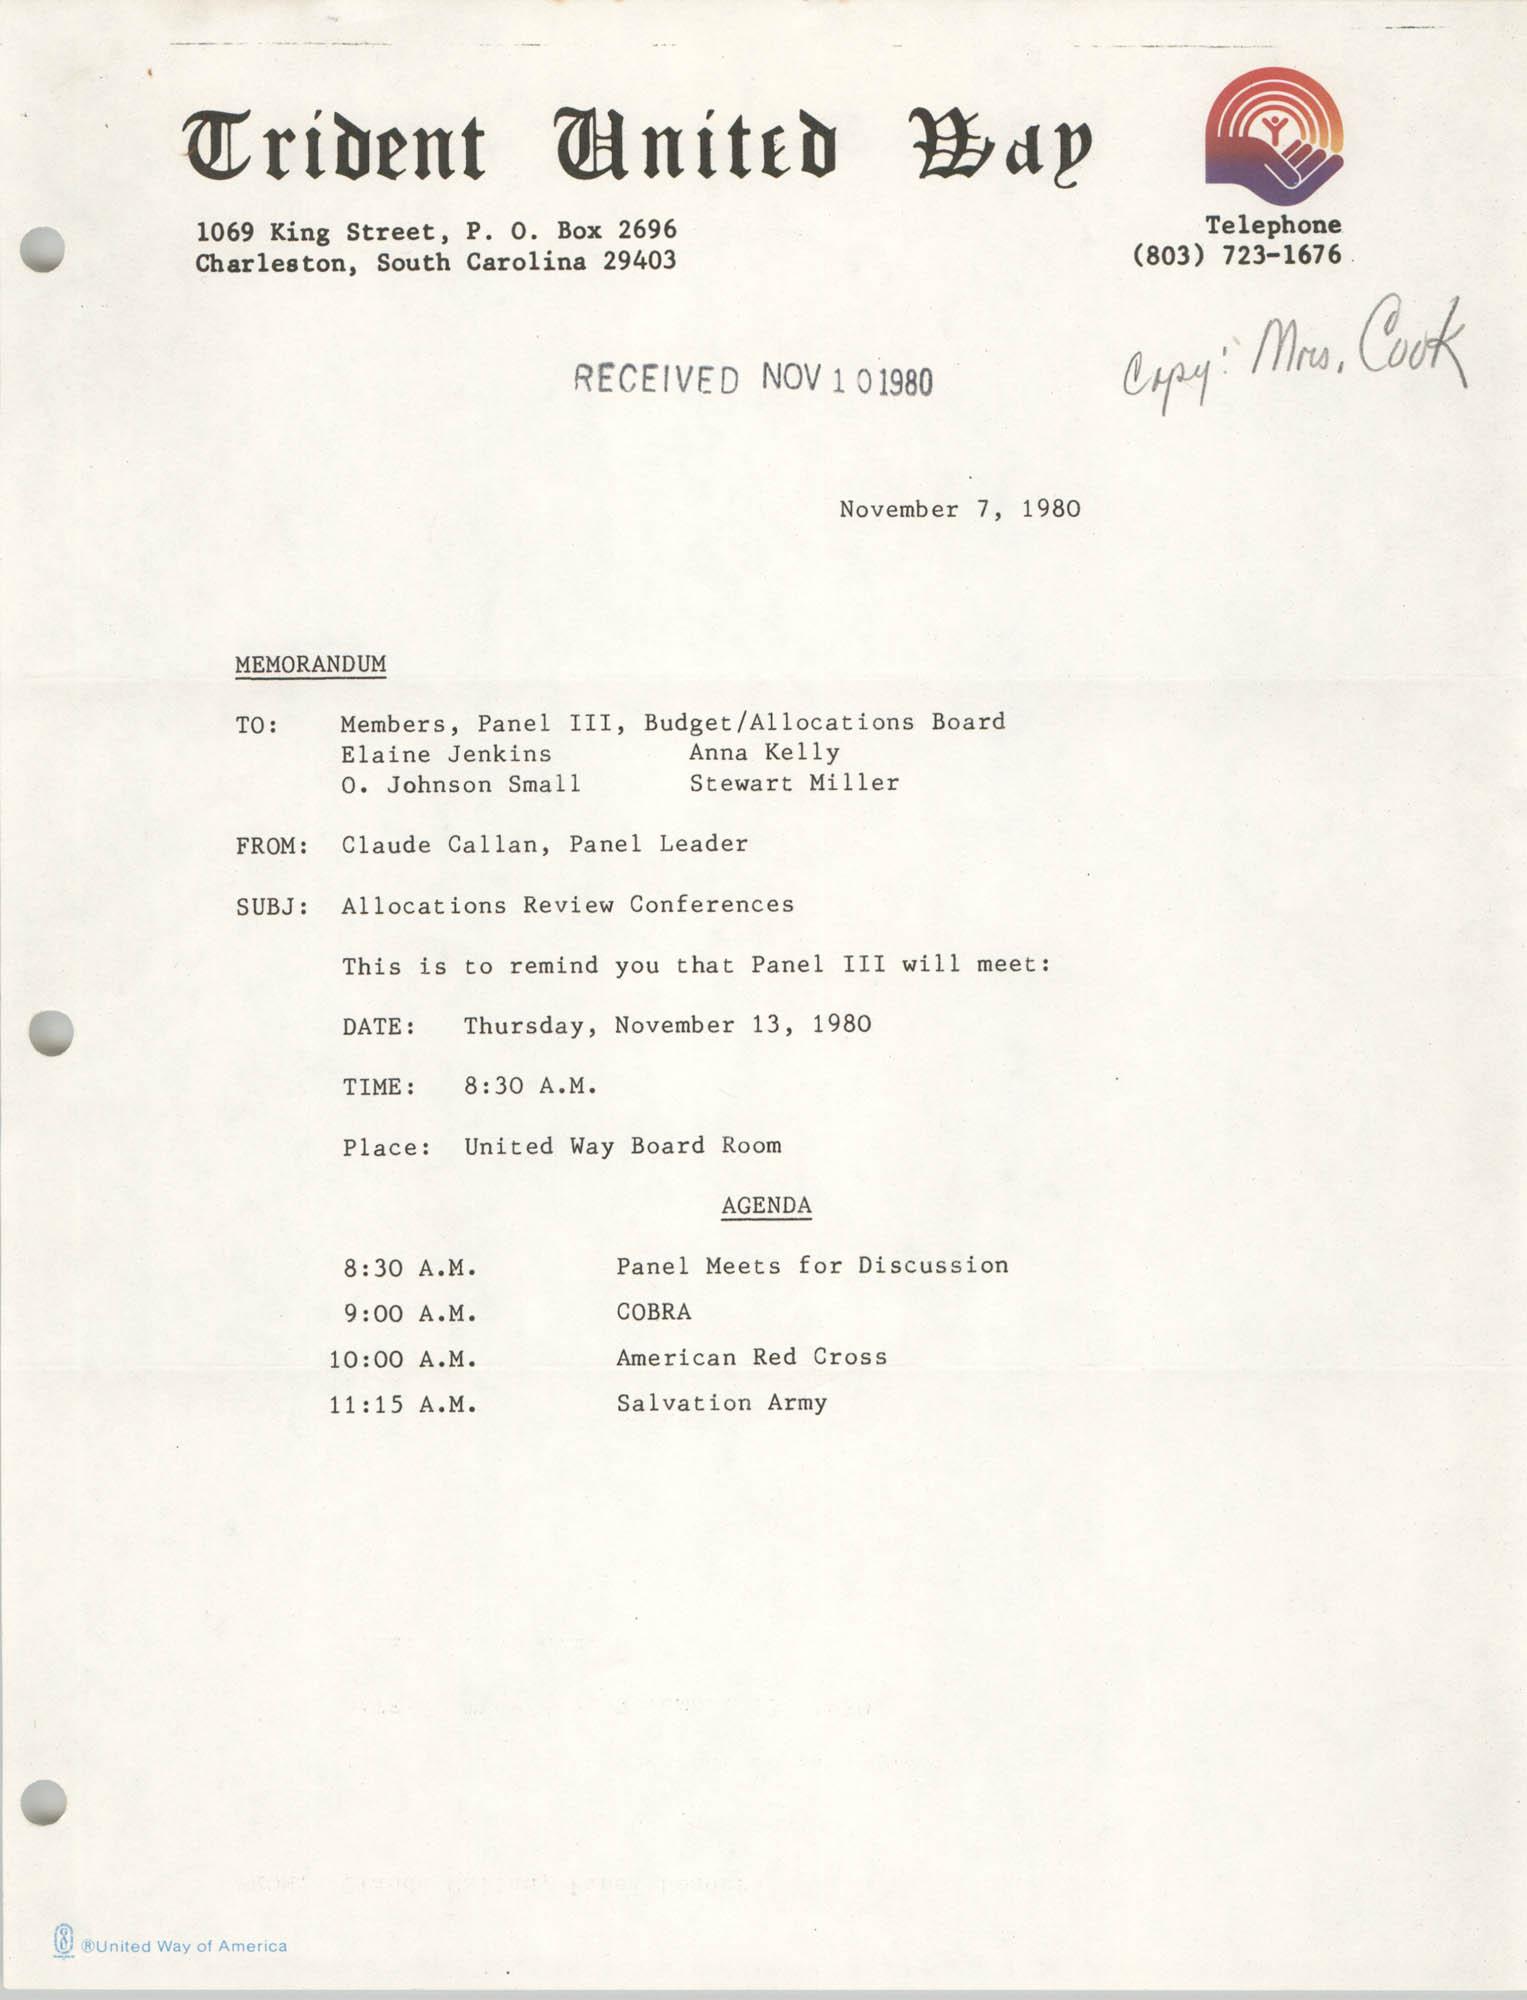 Trident United Way Memorandum, November 7, 1980